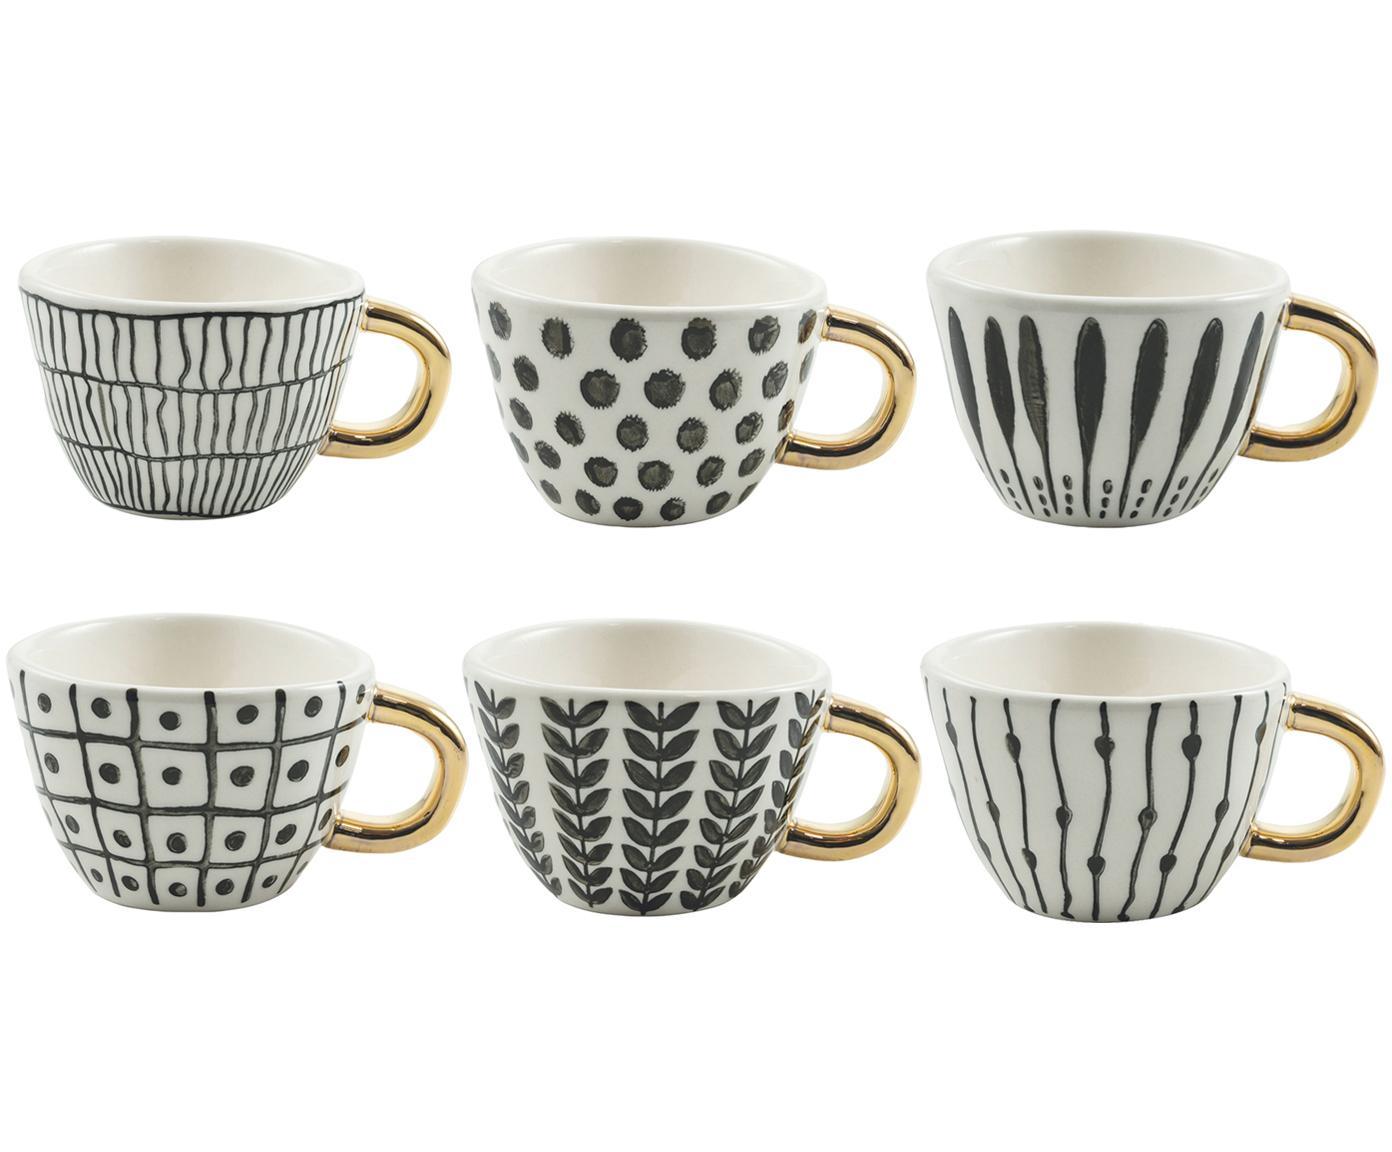 Gemusterte Espressotassen Masai mit goldenem Griff, 6er-Set, Steingut, Schwarz, Weiß, Goldfarben, Ø 7 x H 5 cm